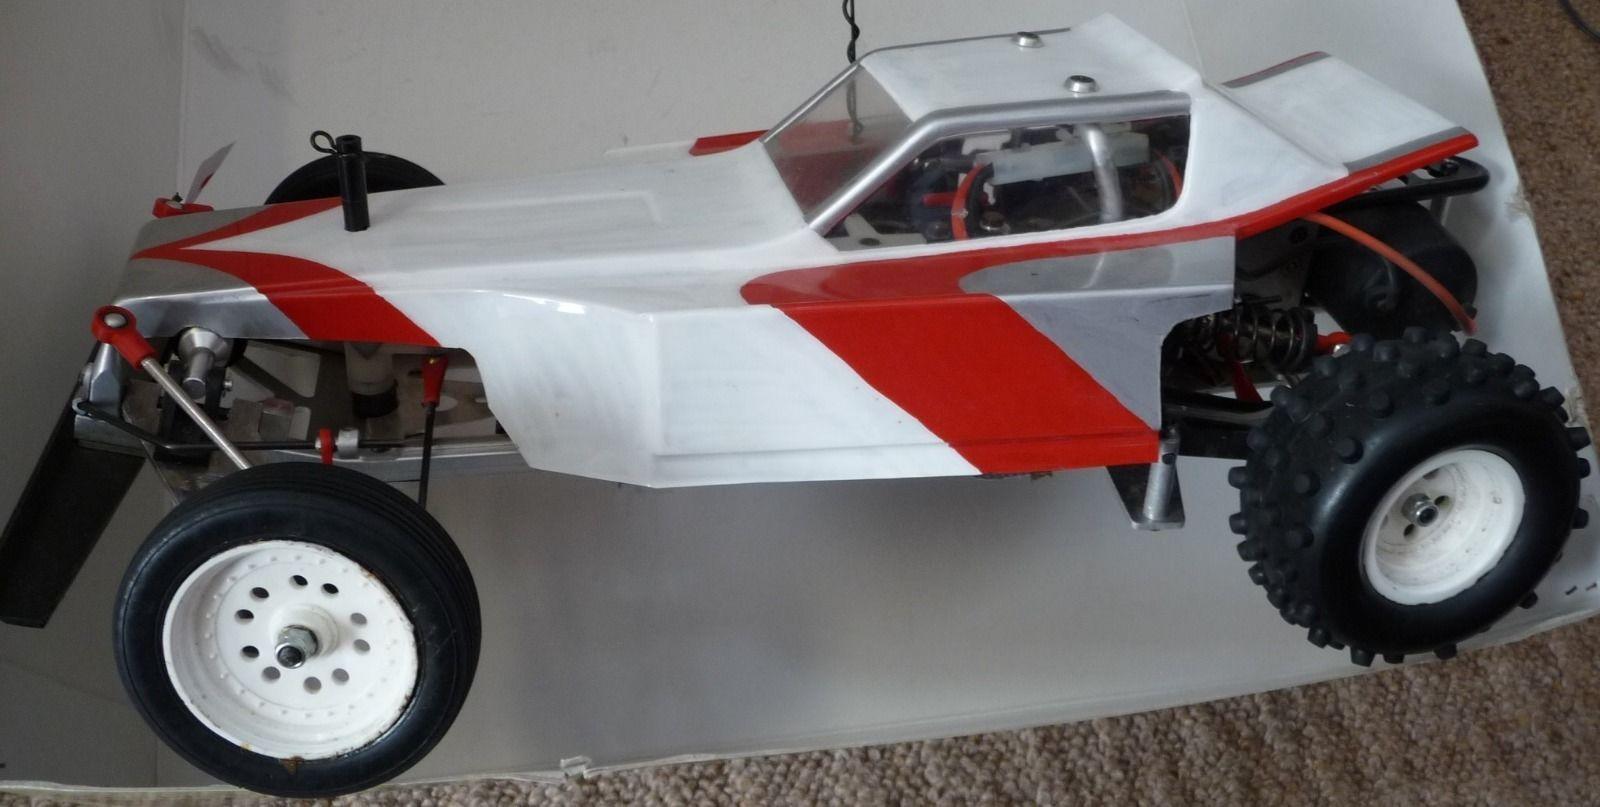 AYK Bobcat vintage 1985 remote control RC car. Please read